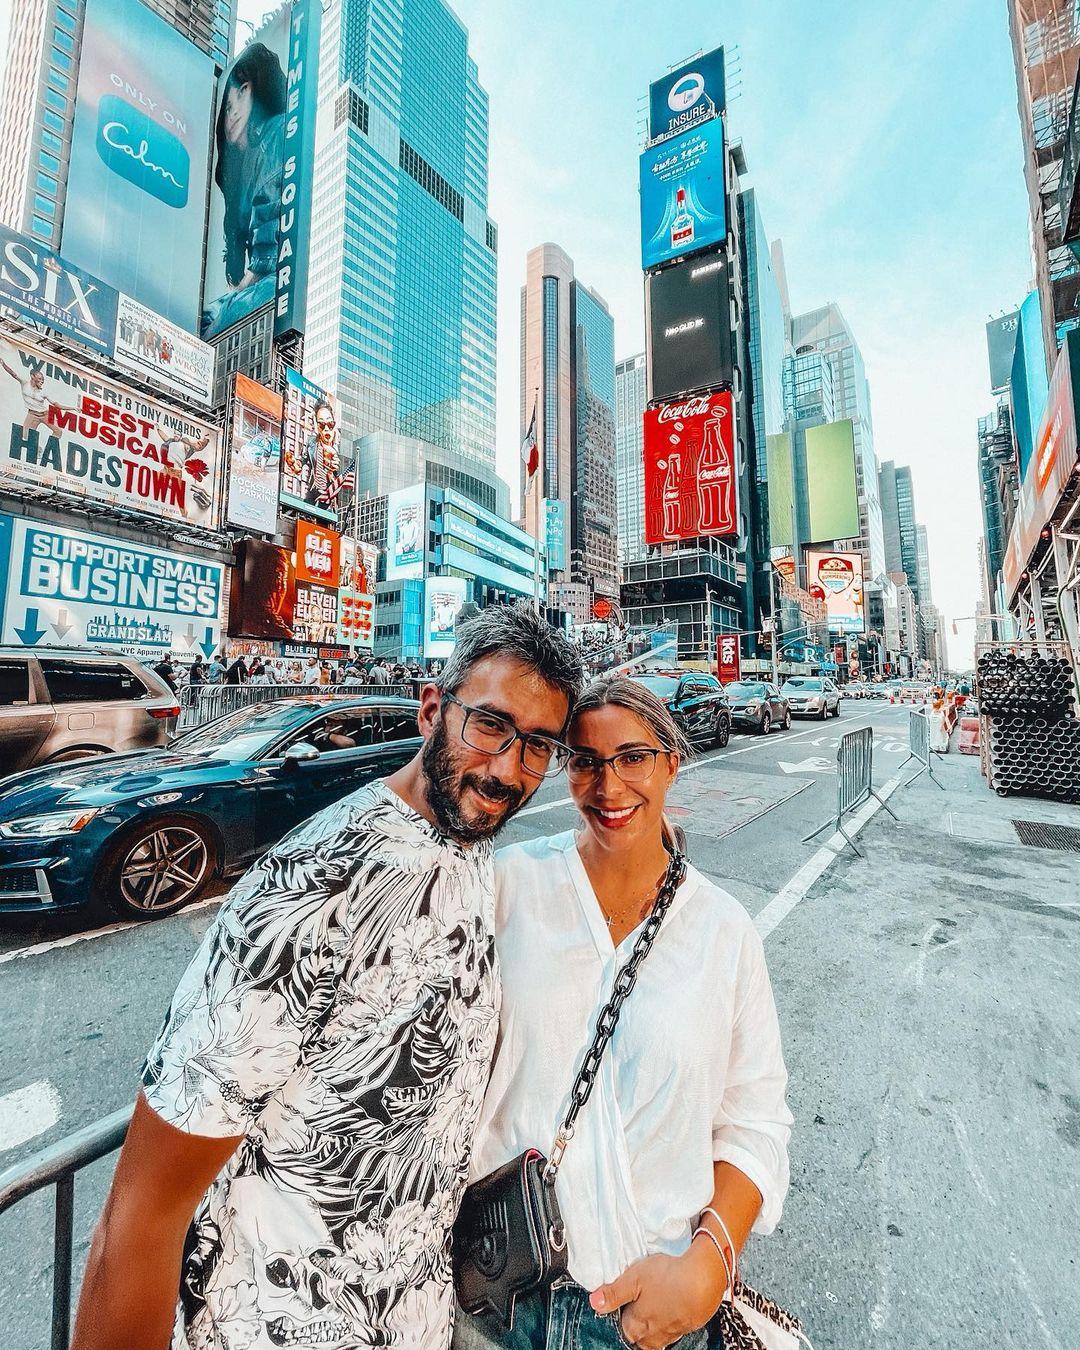 Dani Urrizola y su marido se cambian de nombre al trabajar juntos